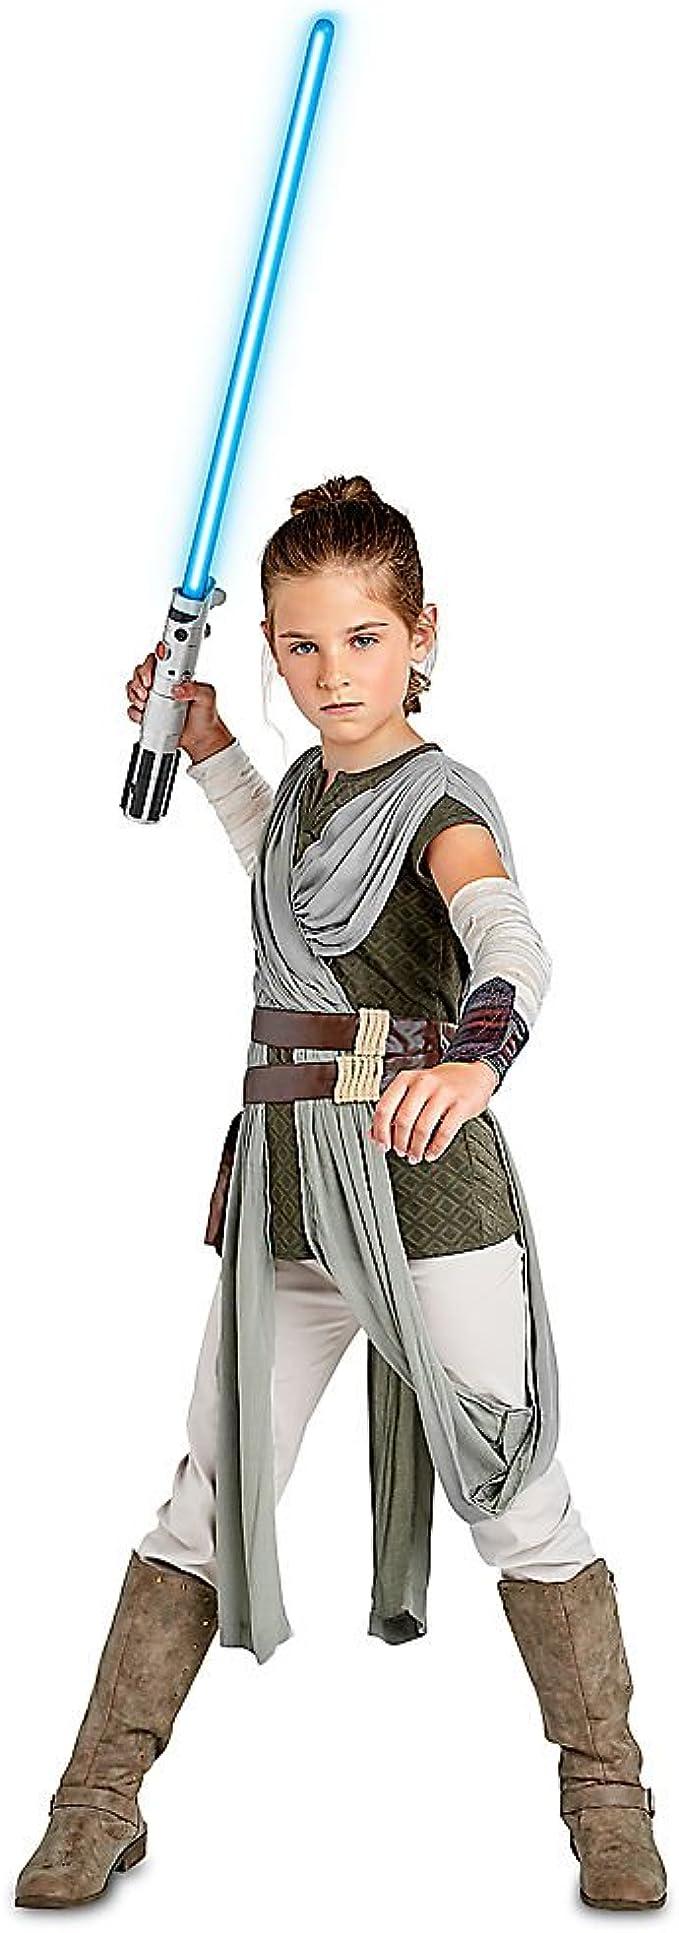 Amazon.com: Disfraz de Star Wars Rey para niños The Last ...